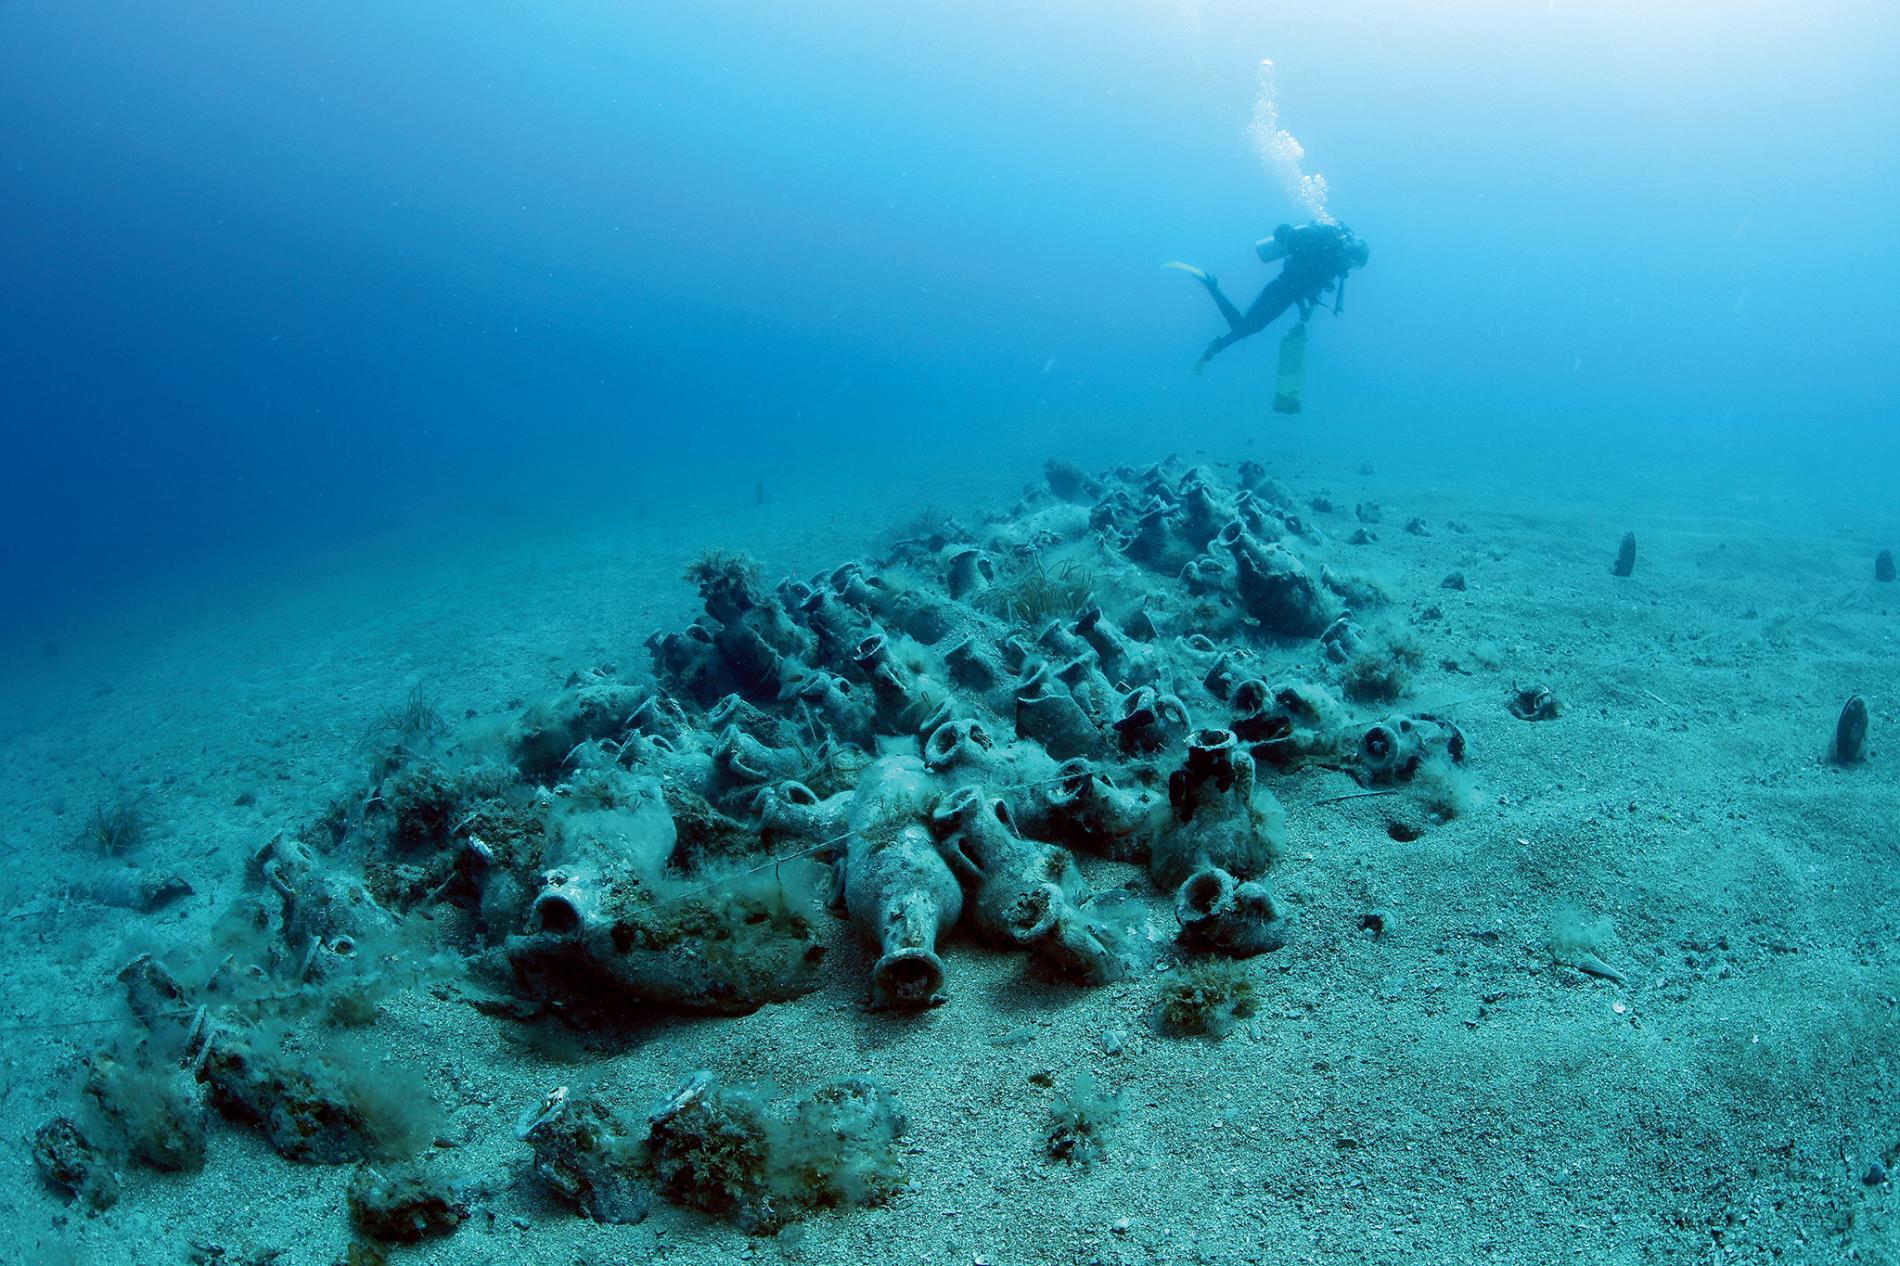 Scoperti numerosi relitti nelle acque della penisola di Karaburun in Albania